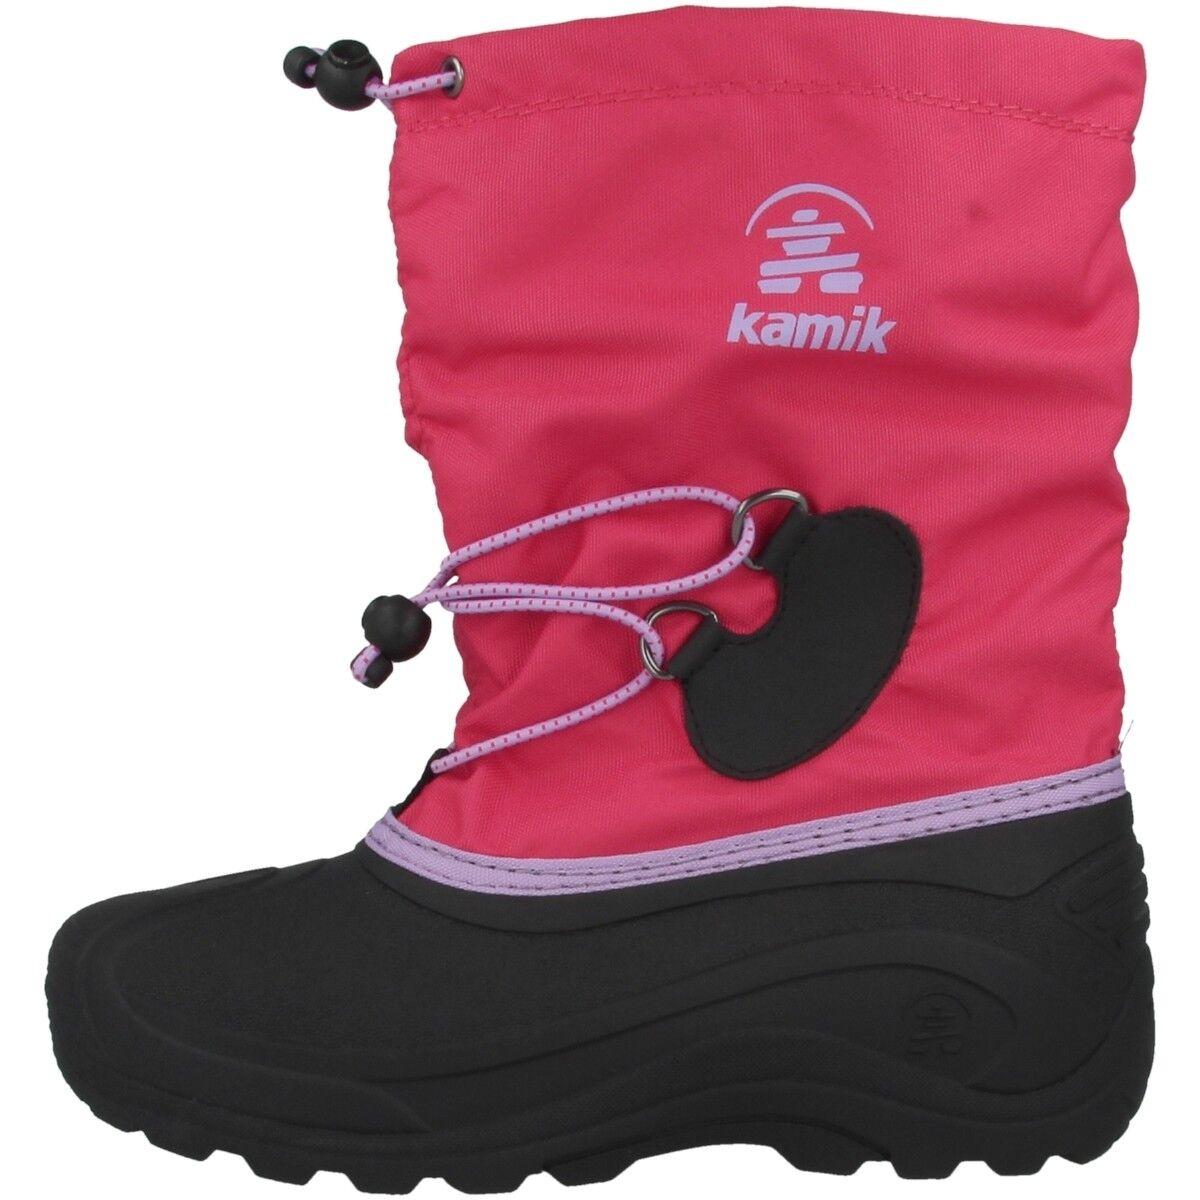 Kamik Southpole 4 niños botas de invierno invierno de botas de arranque Bright rosado zapatos nk4727-rol d576ac